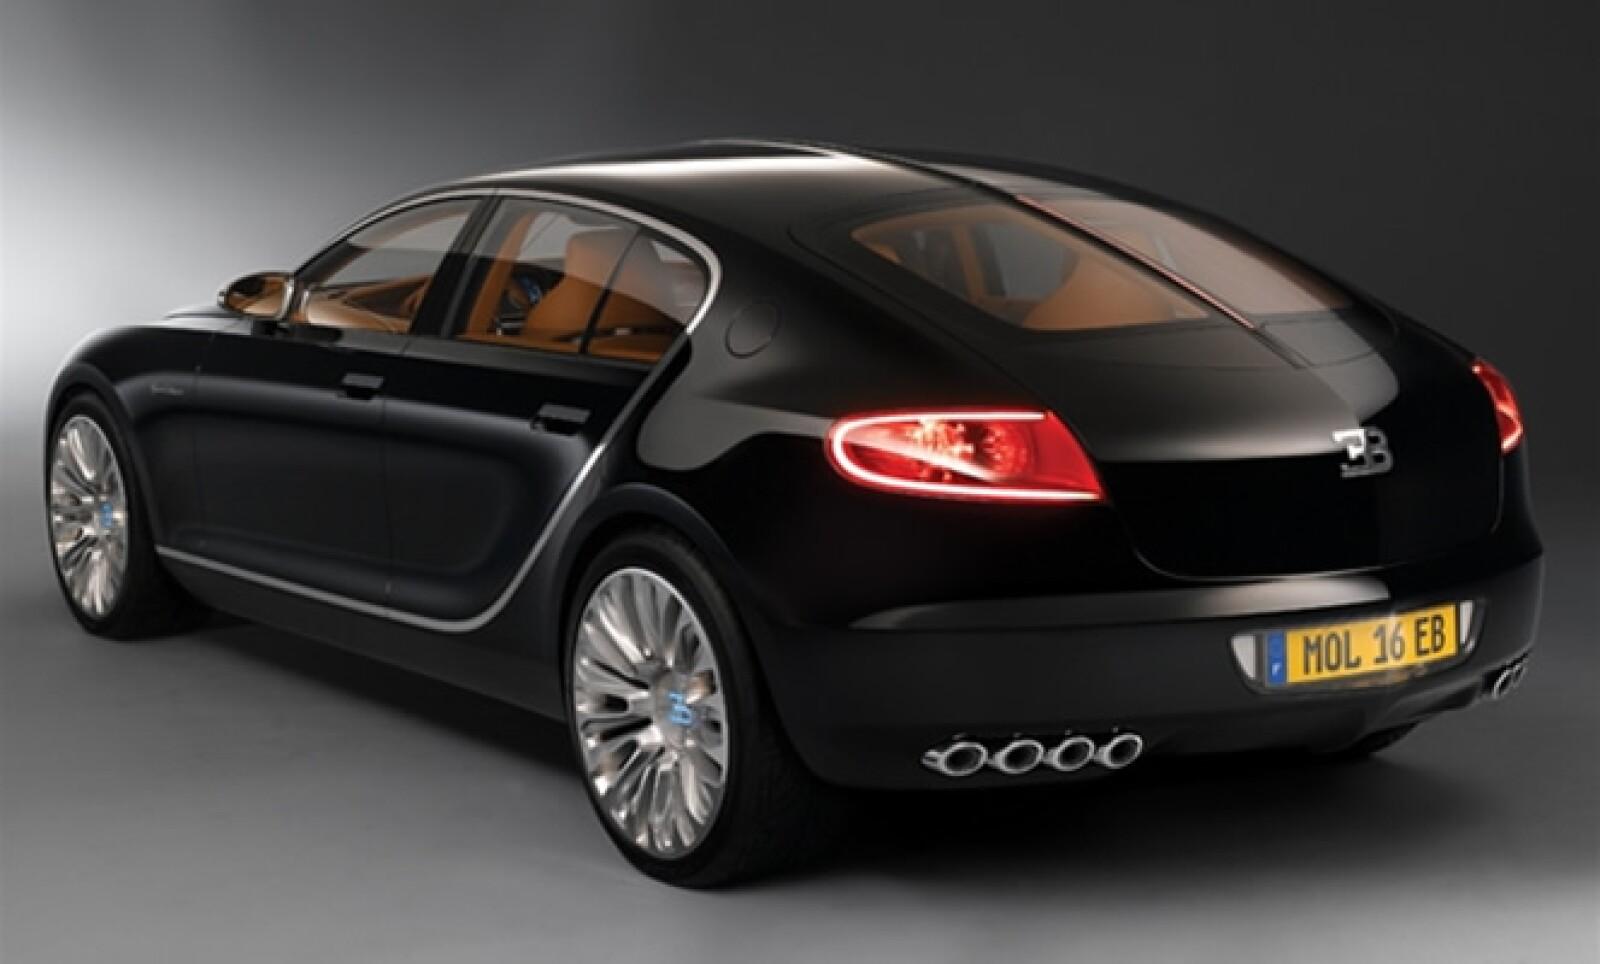 La fibra de carbono con la que está hecho este automóvil posee una gran rigidez, pero también es extremadamente ligero.